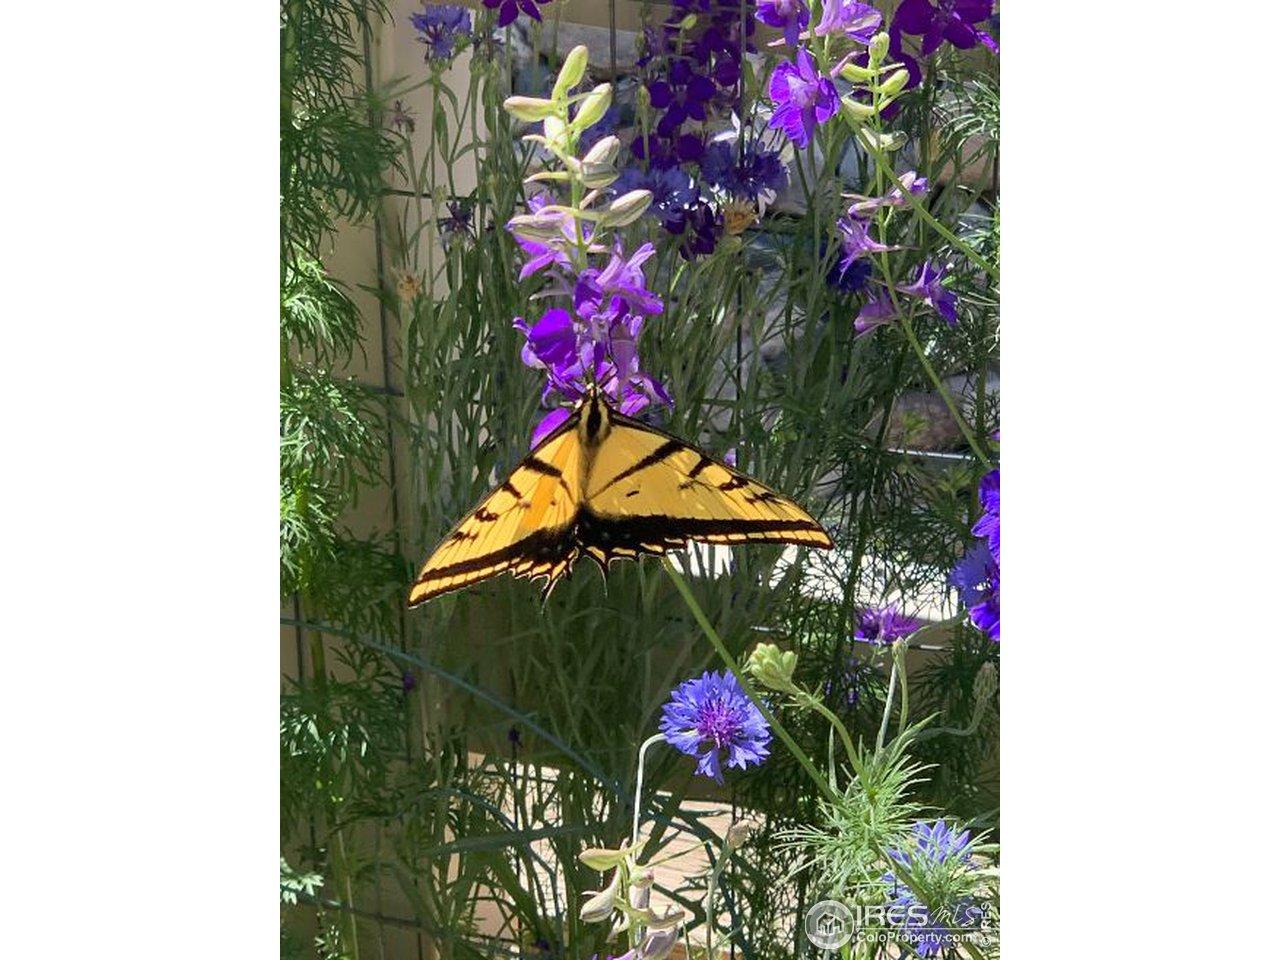 Blooms attract butterflies